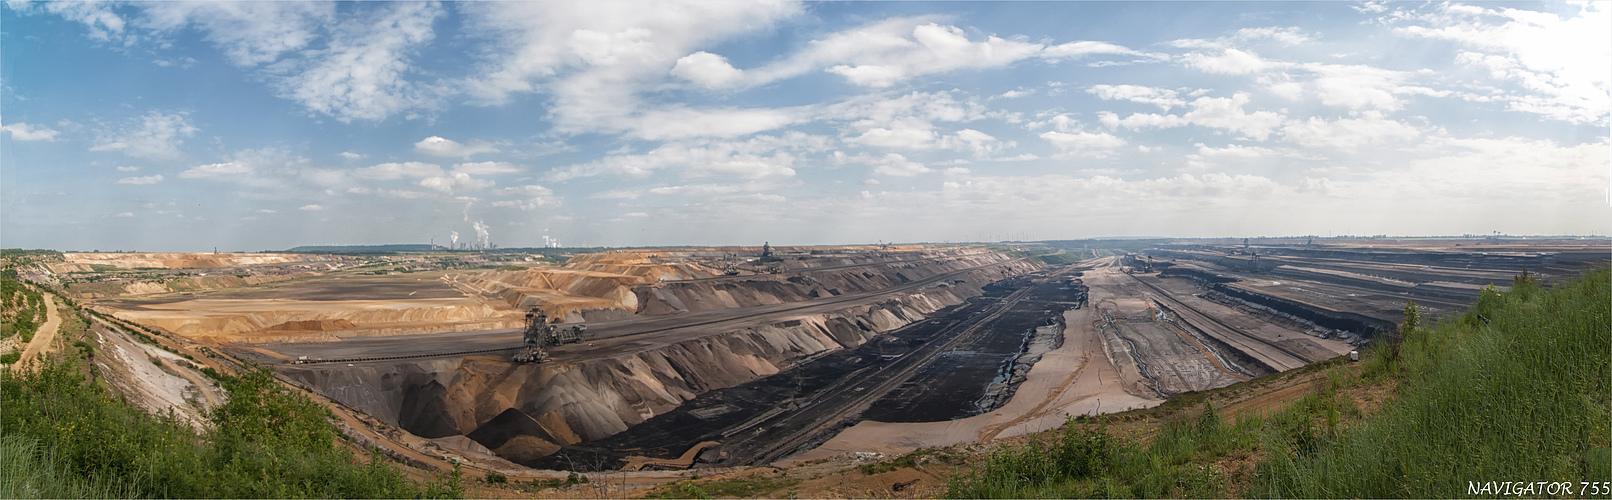 Tagebau Garzweiler II / 4 - 2013